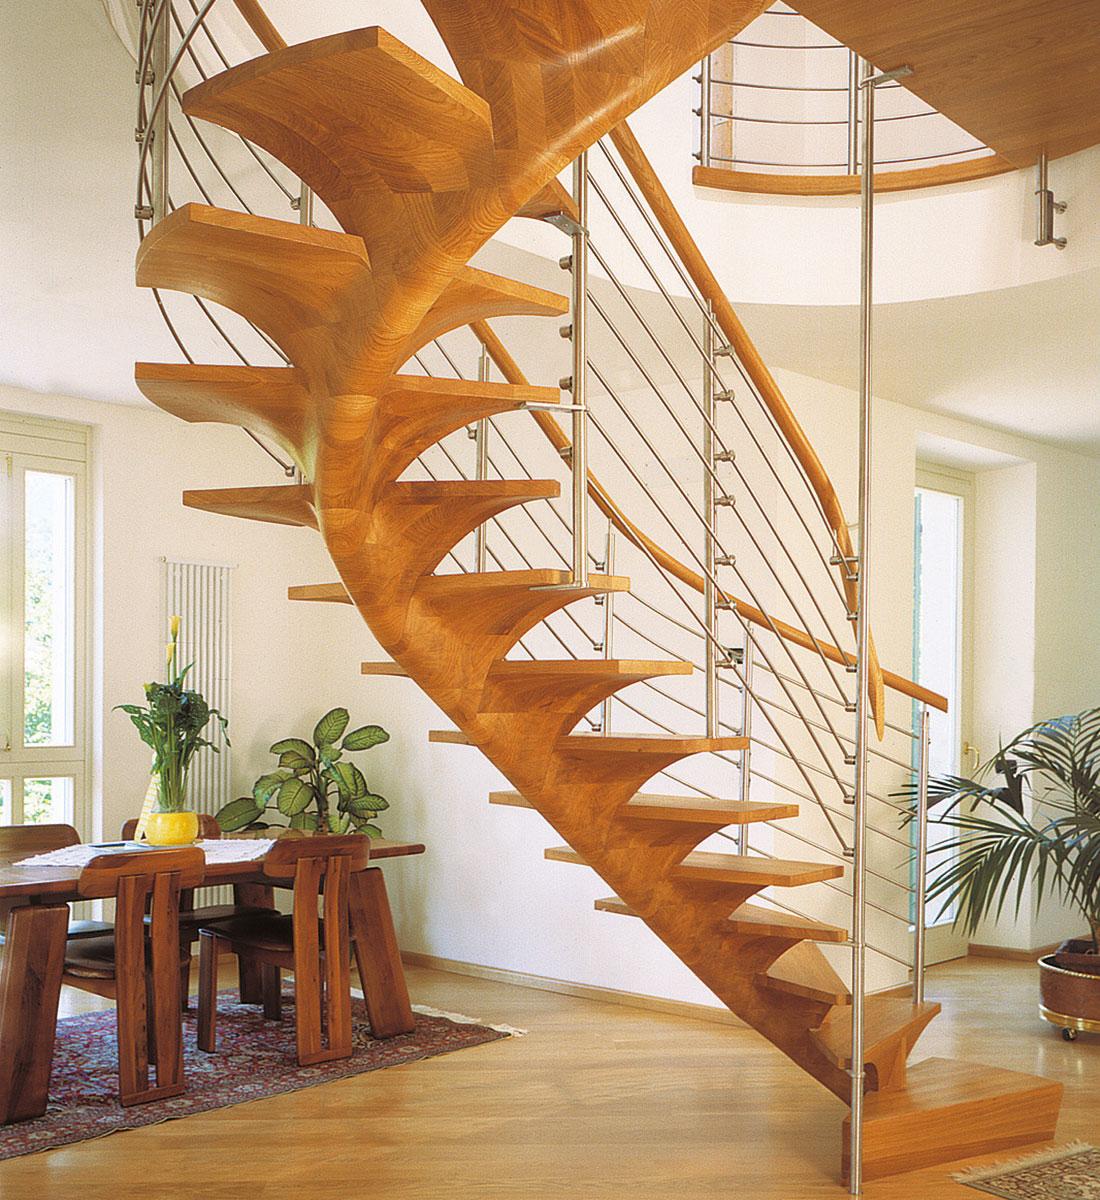 siller treppen plz 81545 m nchen holztreppe mit edelstahlgel nder und holzhandlauf finden. Black Bedroom Furniture Sets. Home Design Ideas